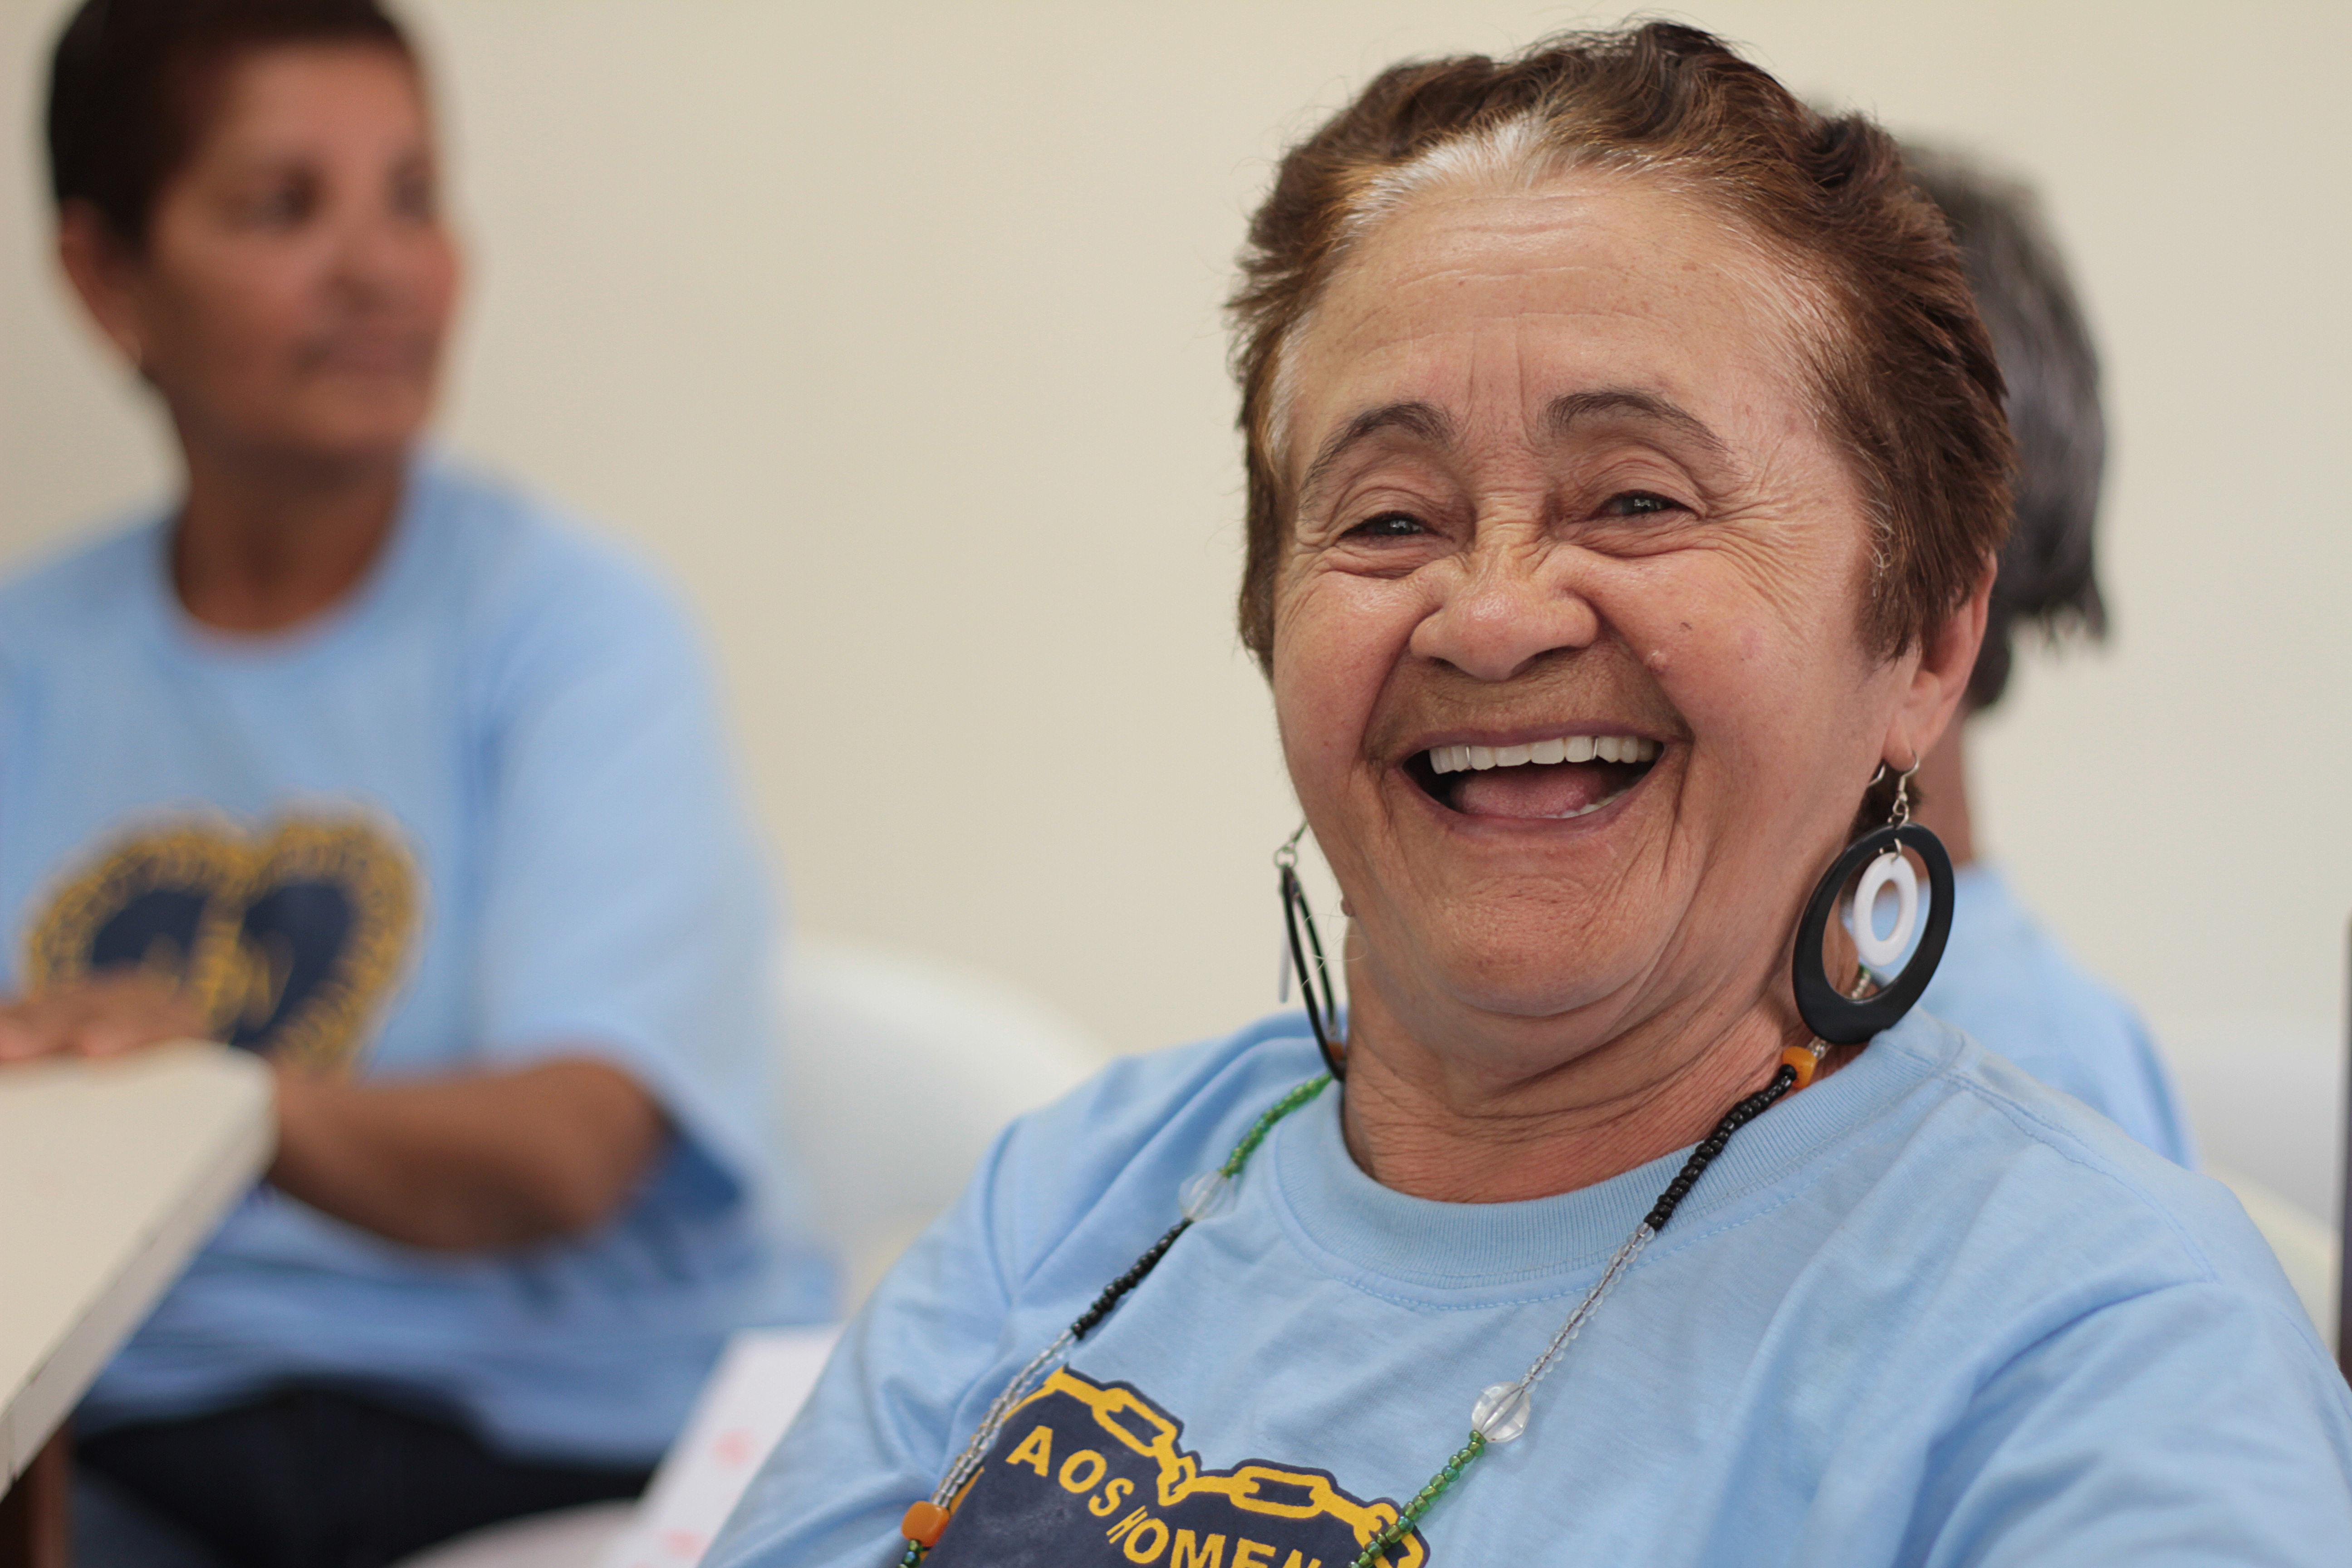 incontri con donne da la paz bolivia donna 50